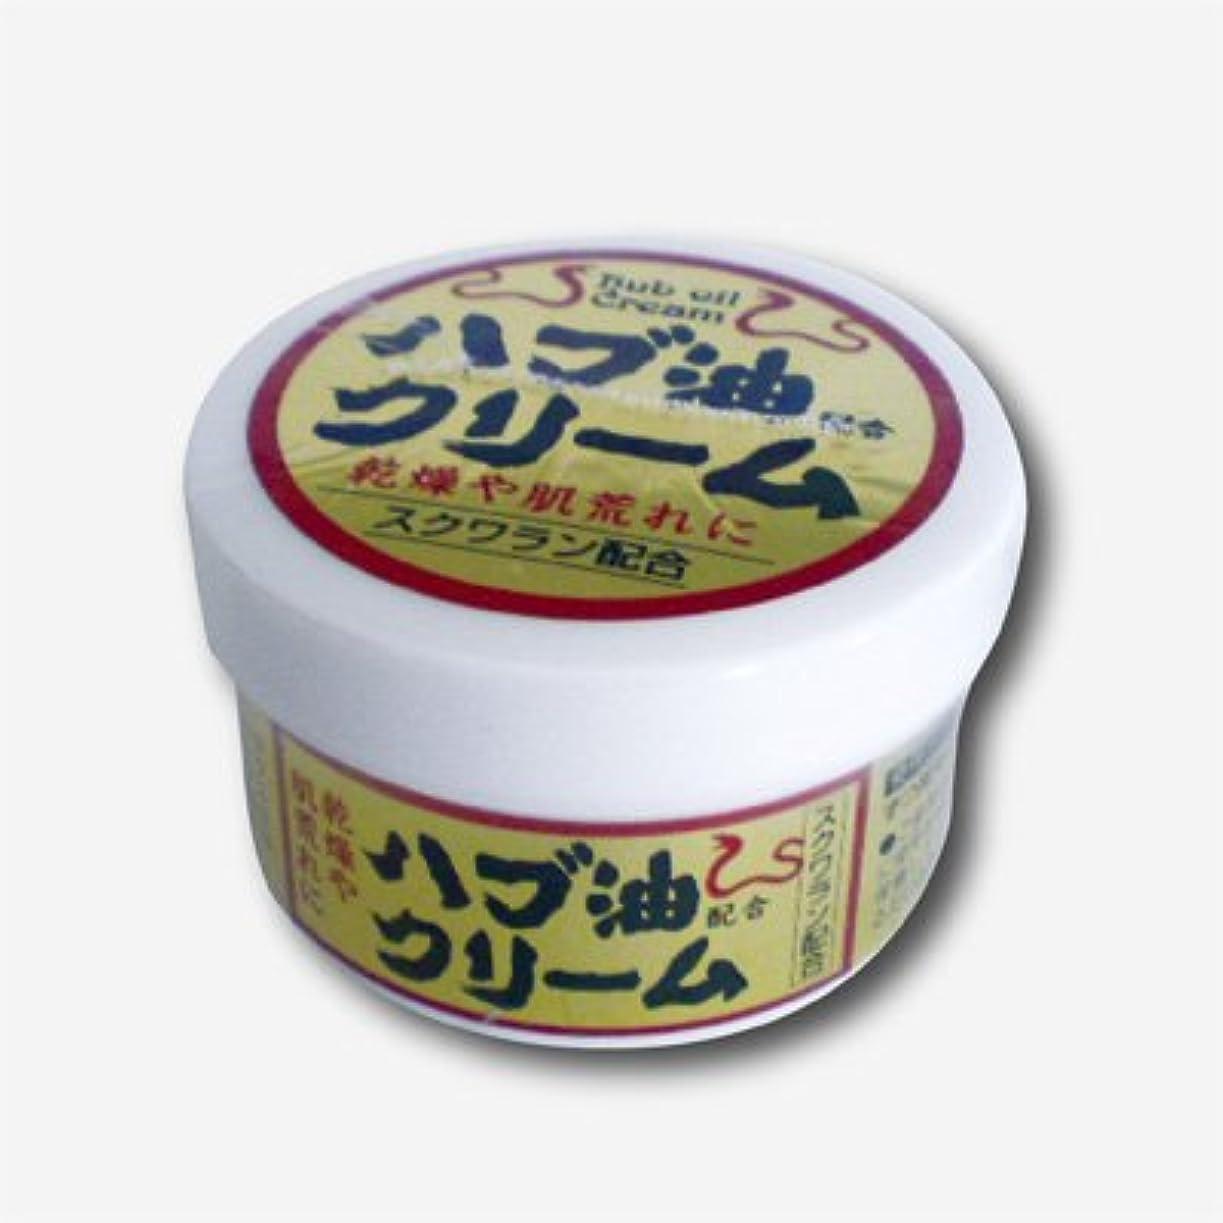 ラダ一口ペイントハブ油配合クリーム 10個【1個?50g】